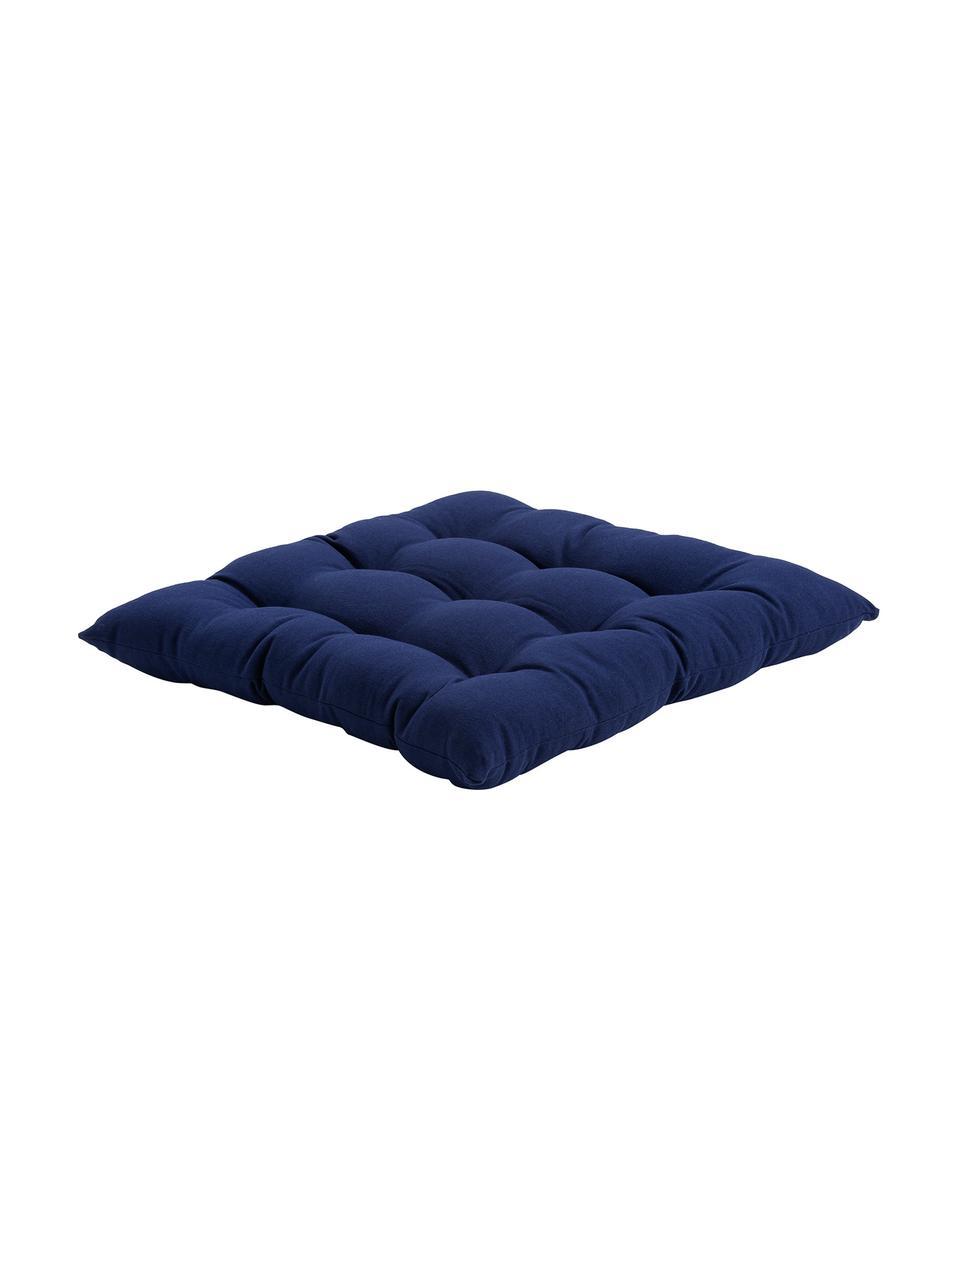 Poduszka na krzesło Ava, Granatowy, S 40 x D 40 cm